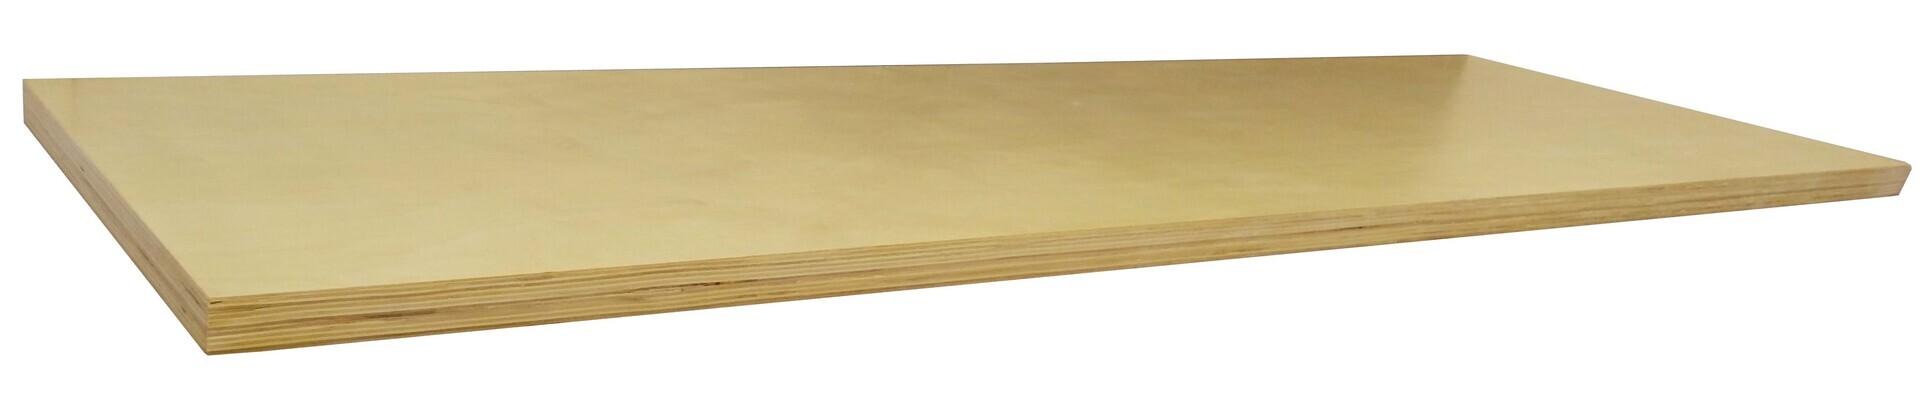 Dřevěná pracovní deska Procarosa PROFI TGW-80 na tři skříňky